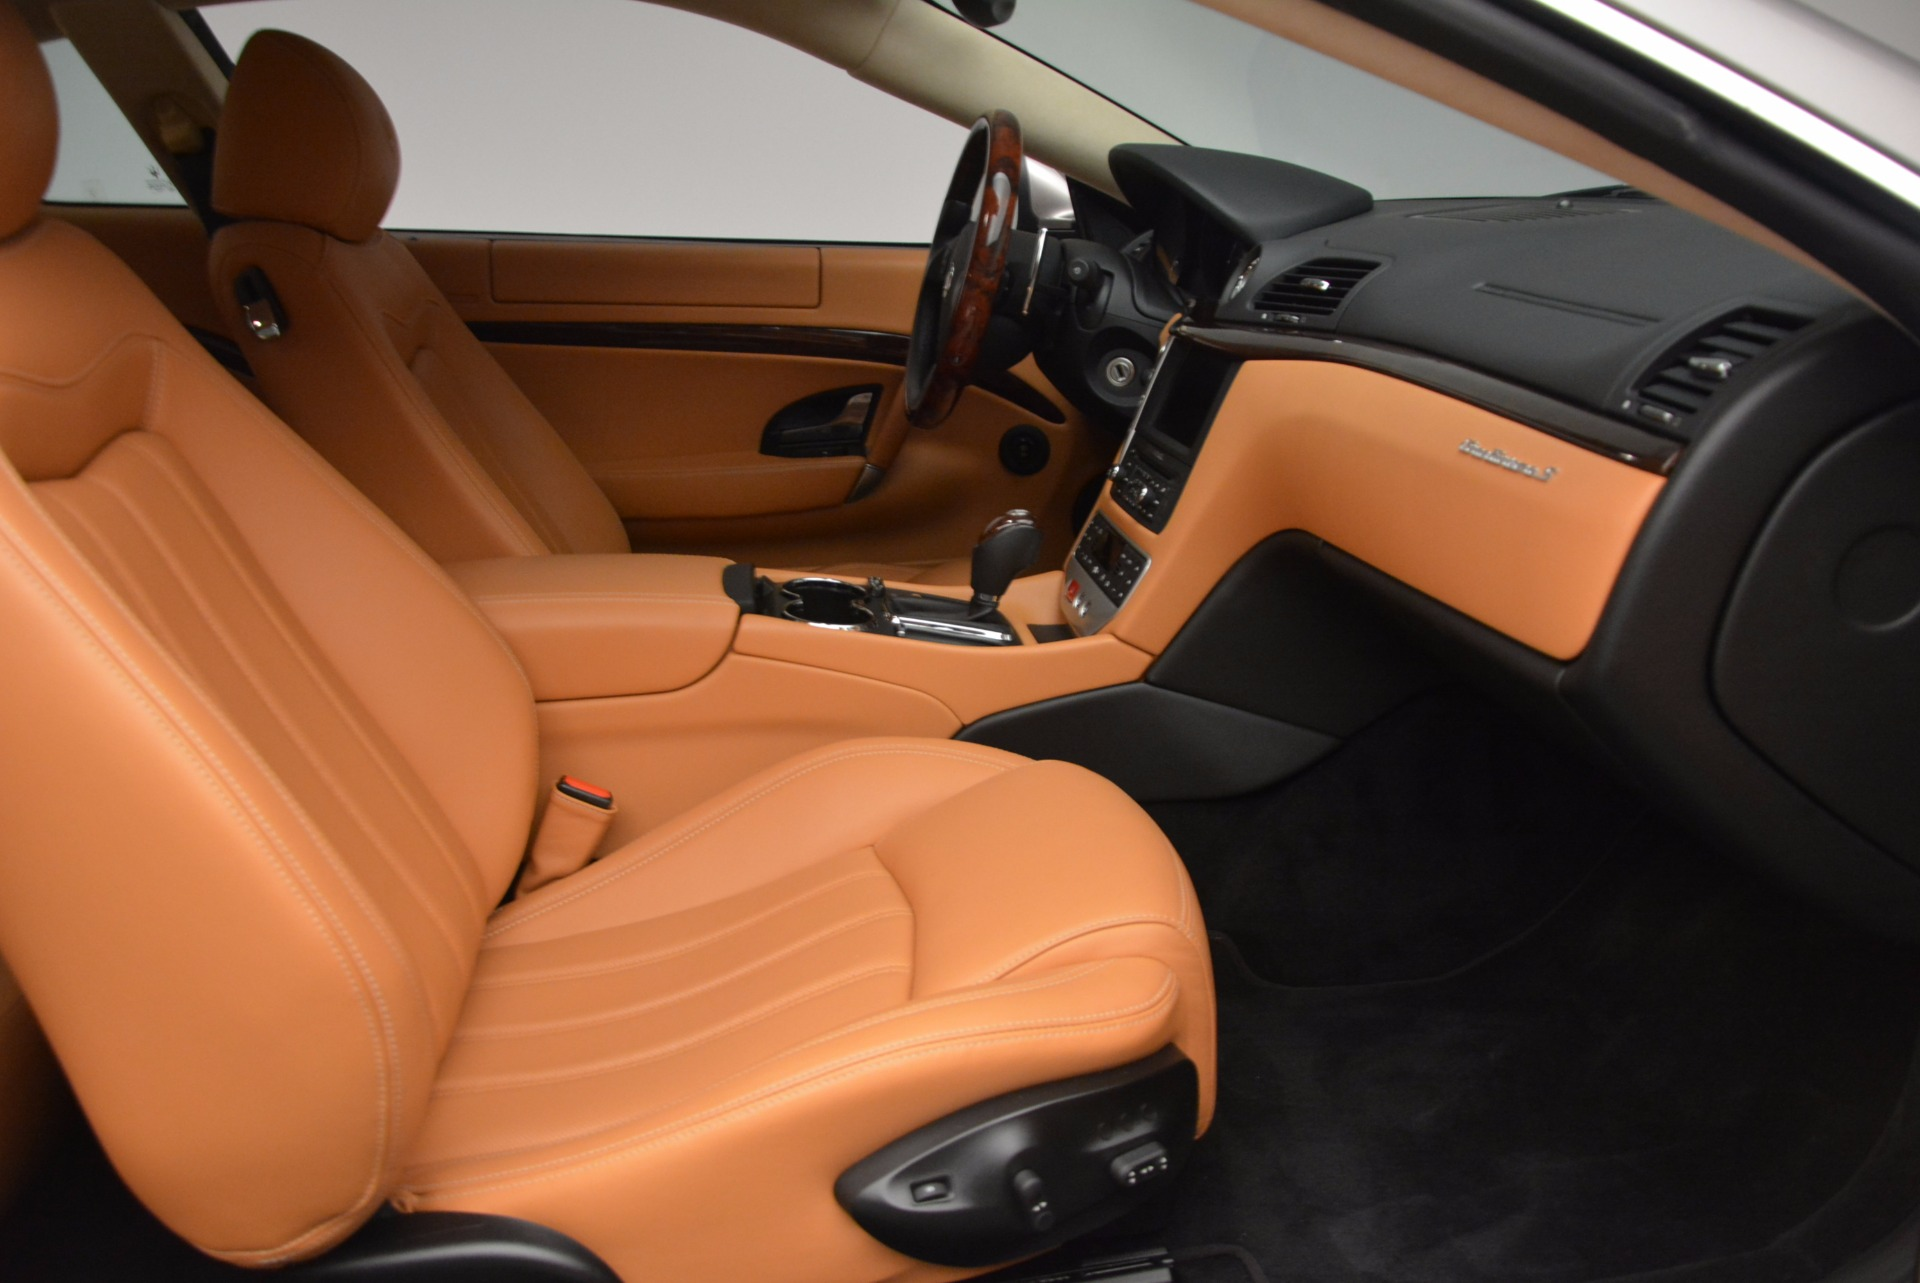 Used 2009 Maserati GranTurismo S For Sale In Westport, CT 1063_p18